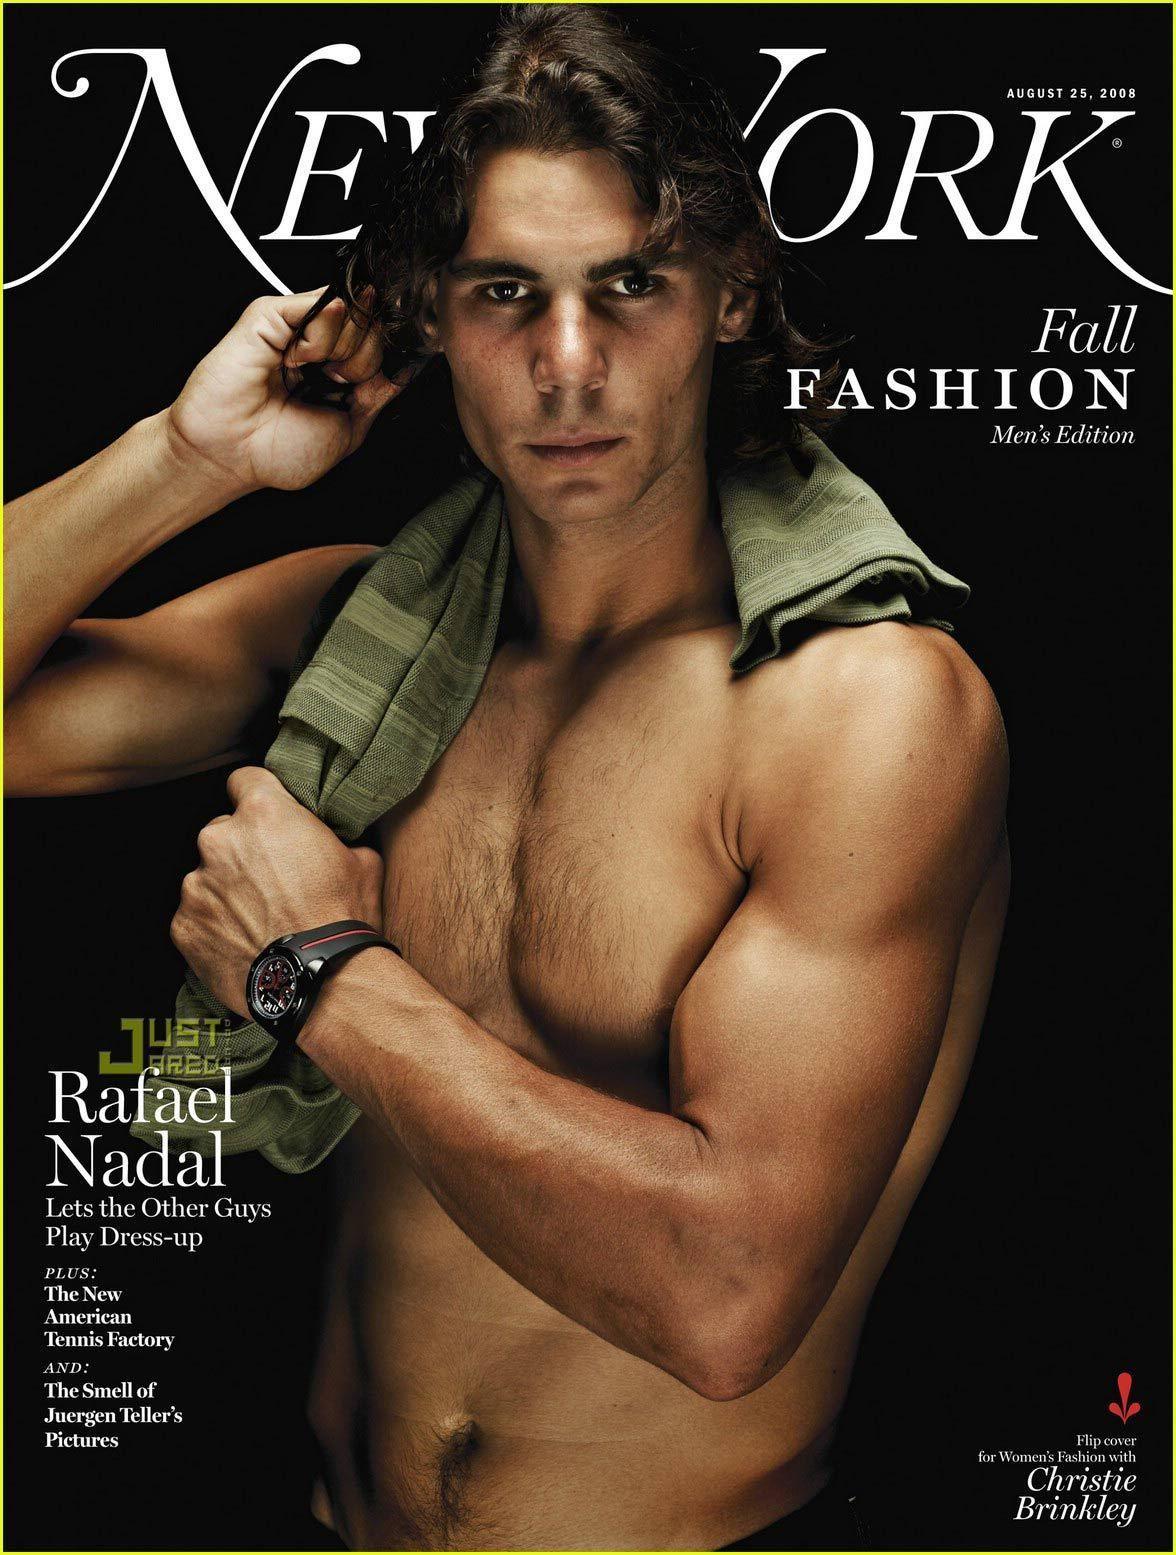 Rafael nadal wallpaper 31 34 male players hd backgrounds - Rafael Nadal Dg